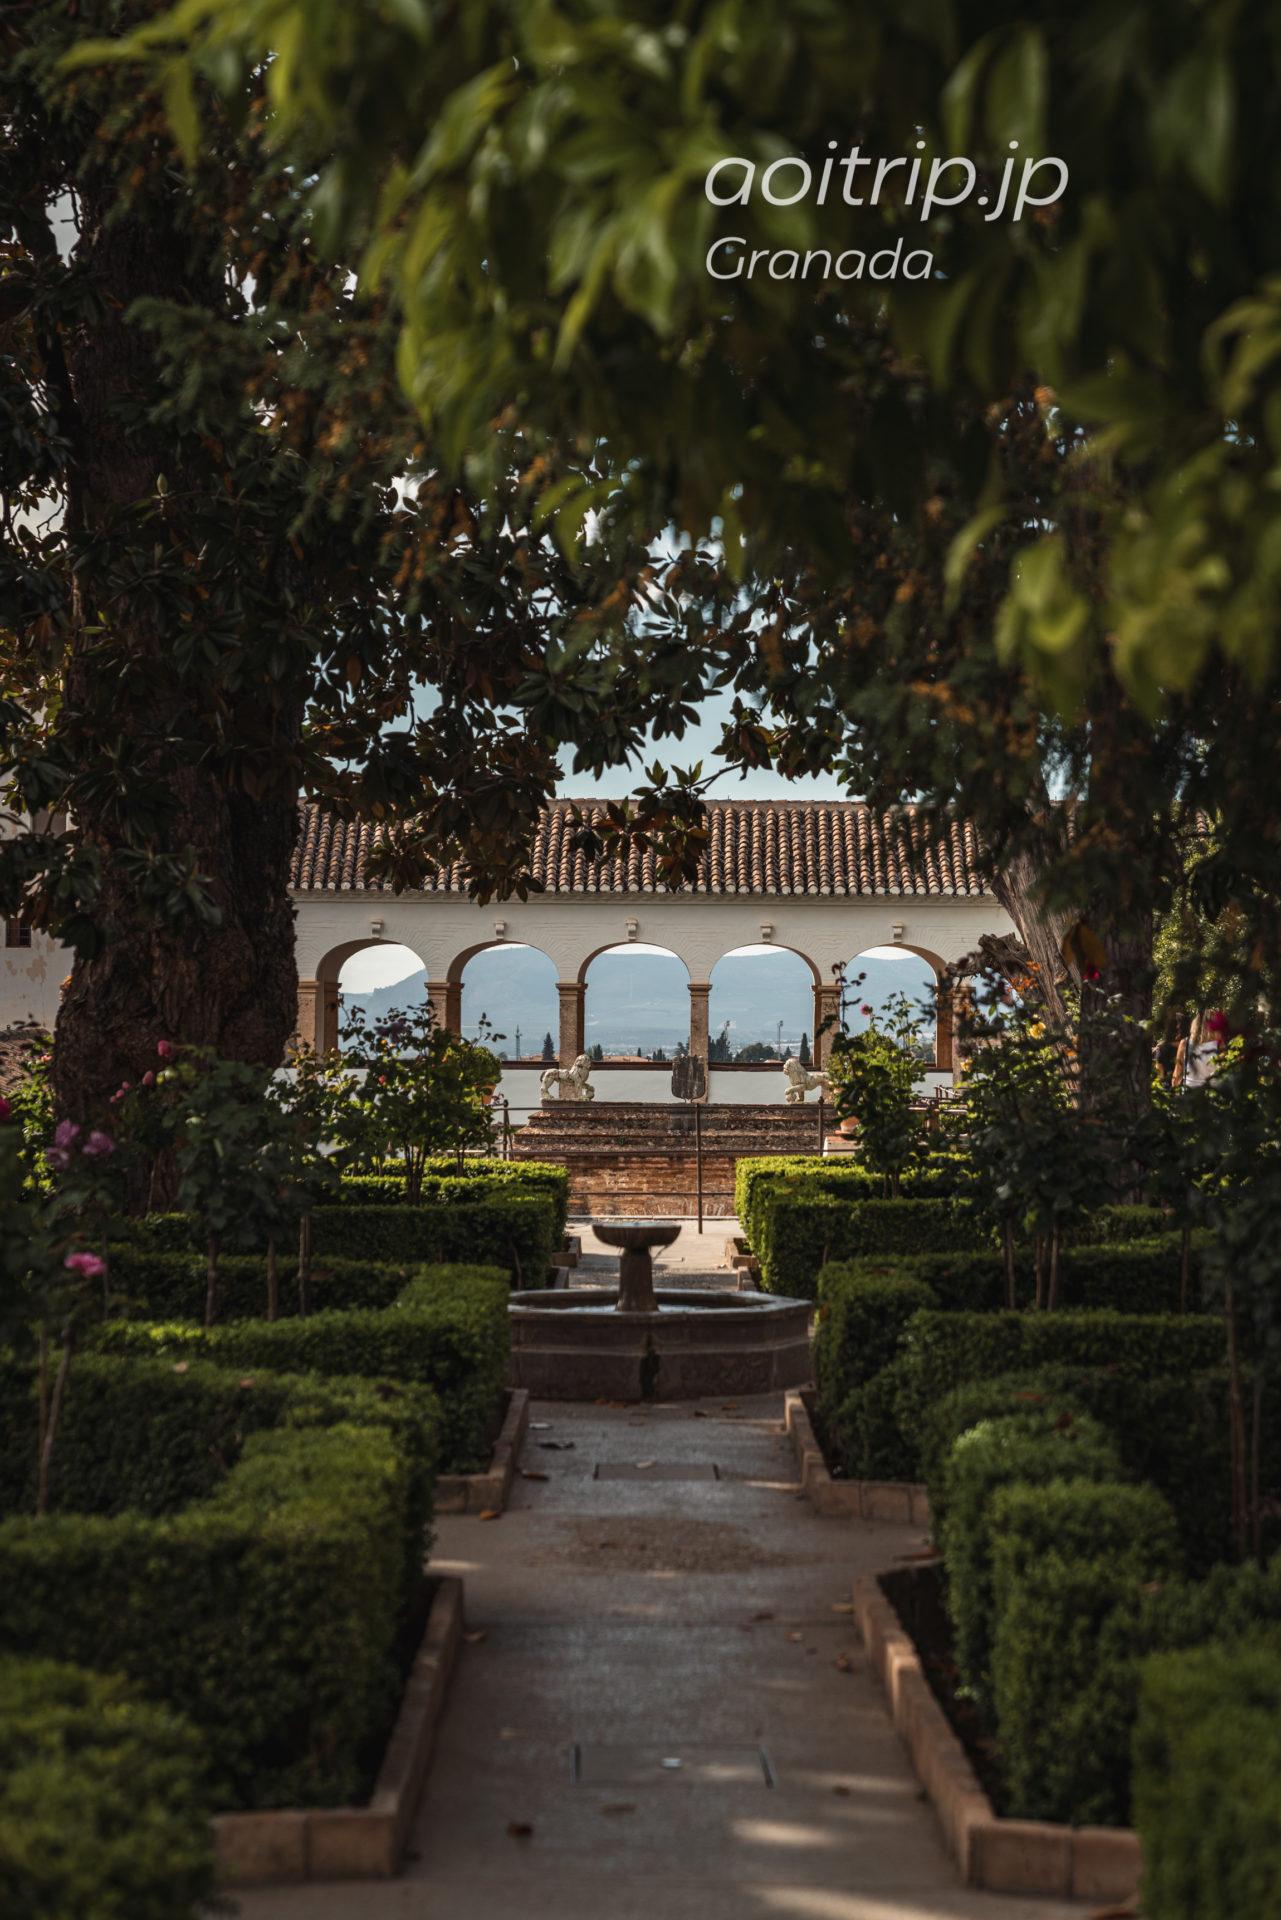 アルハンブラの庭園 ヘネラリフェ(グラナダ)